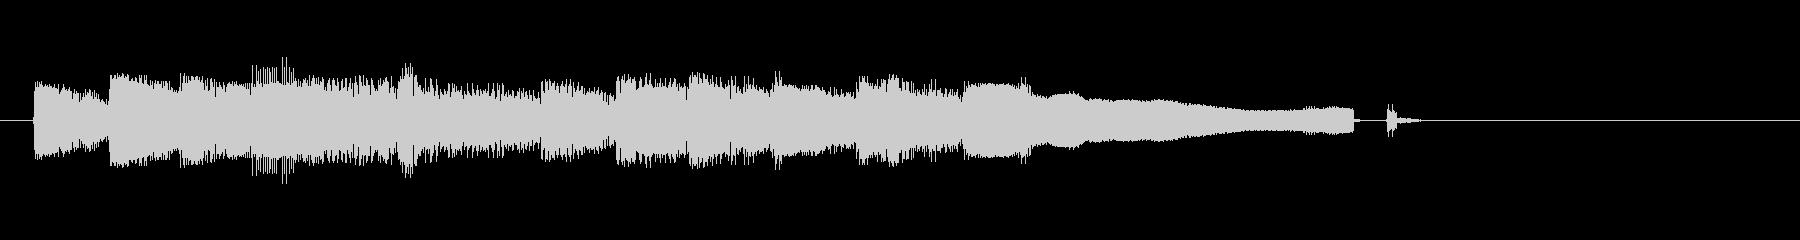 エレクトリックギター、ロックアルペ...の未再生の波形